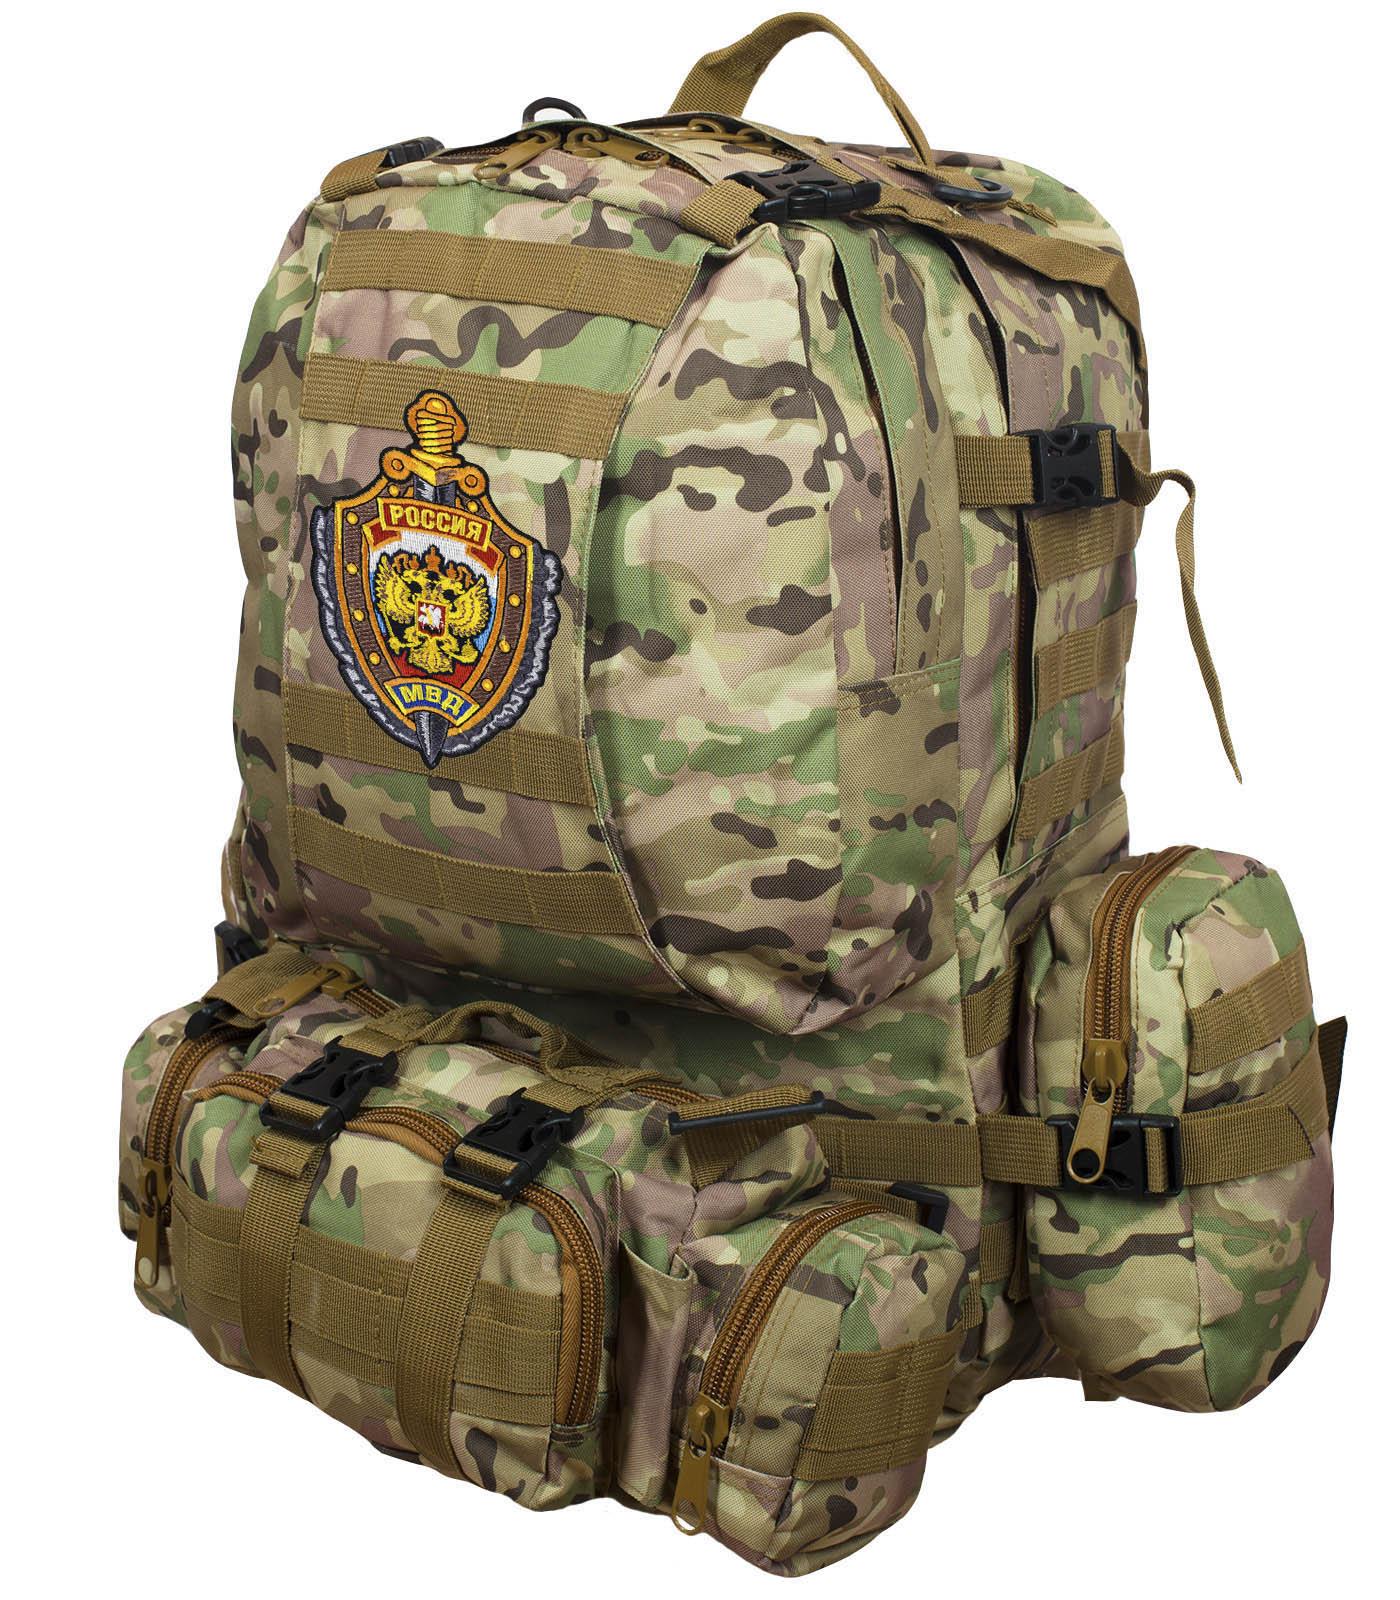 Рюкзак US Assault Pack Multicam с эмблемой МВД заказать в Военпро